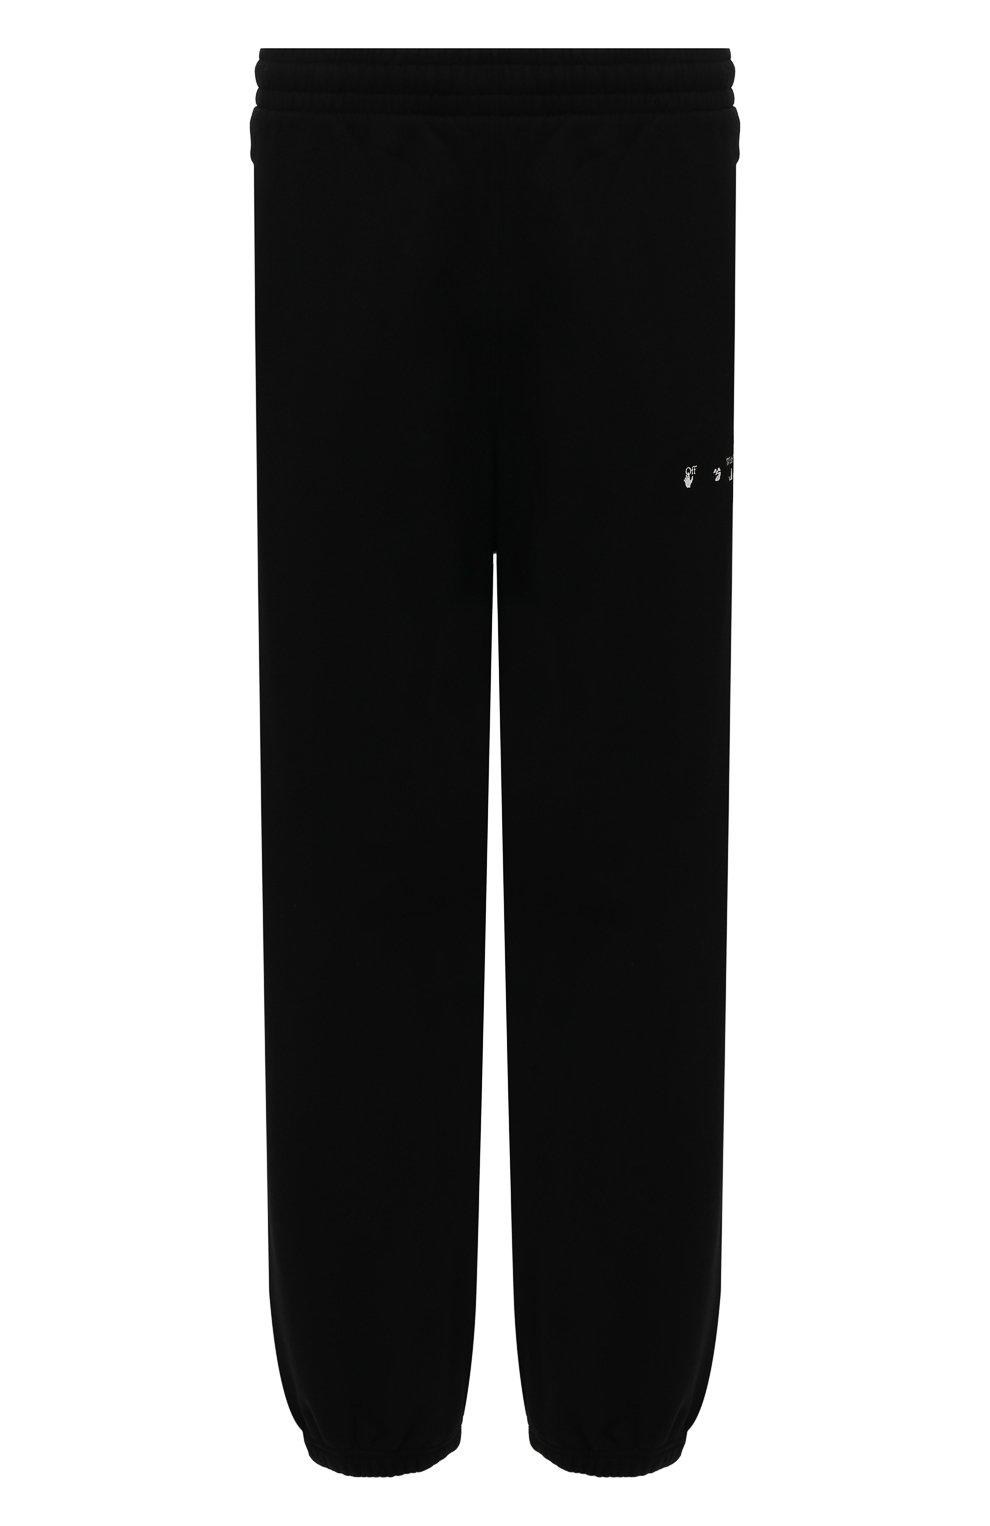 Мужские хлопковые джоггеры OFF-WHITE черного цвета, арт. 0MCH029S21FLE004   Фото 1 (Мужское Кросс-КТ: Брюки-трикотаж; Длина (брюки, джинсы): Стандартные; Материал внешний: Хлопок; Стили: Спорт-шик; Силуэт М (брюки): Джоггеры)